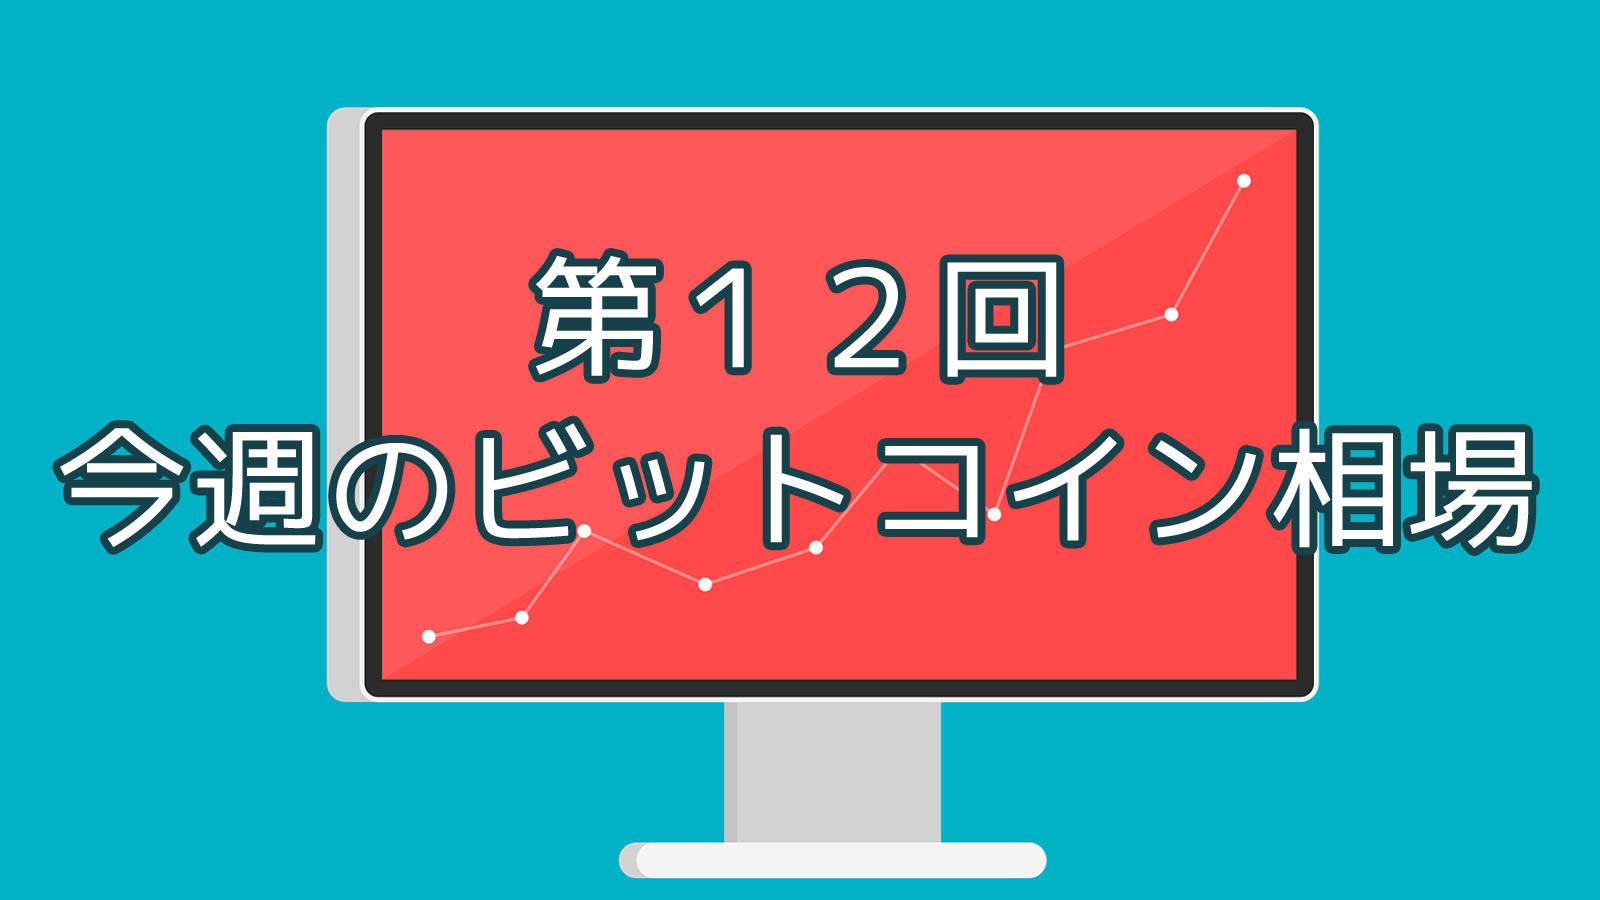 【第12回】今週のビットコイン相場 (5/7〜5/13)